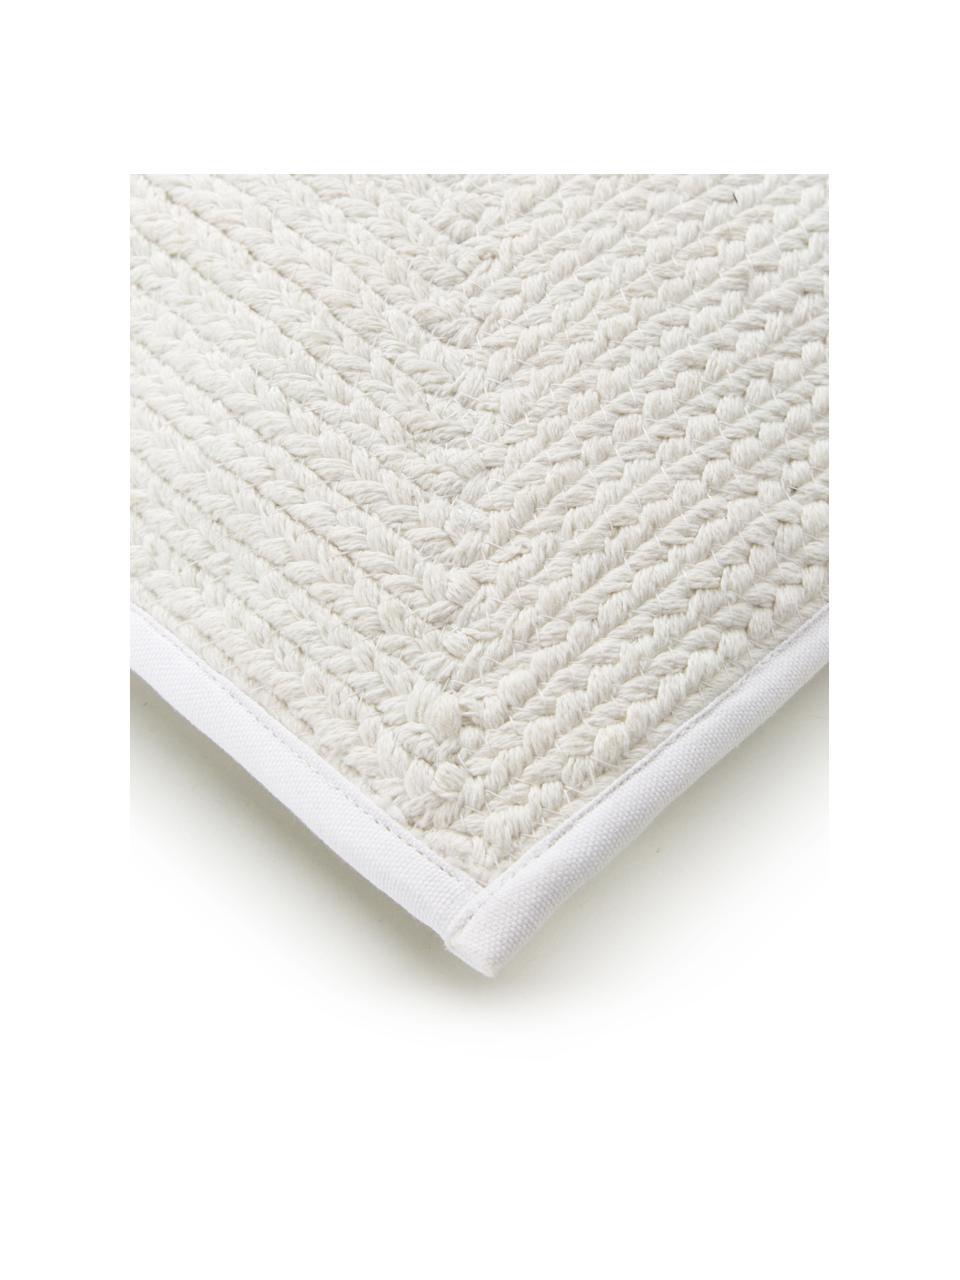 Housse de coussin rectangulaire aspect jute Justina, Blanc crème